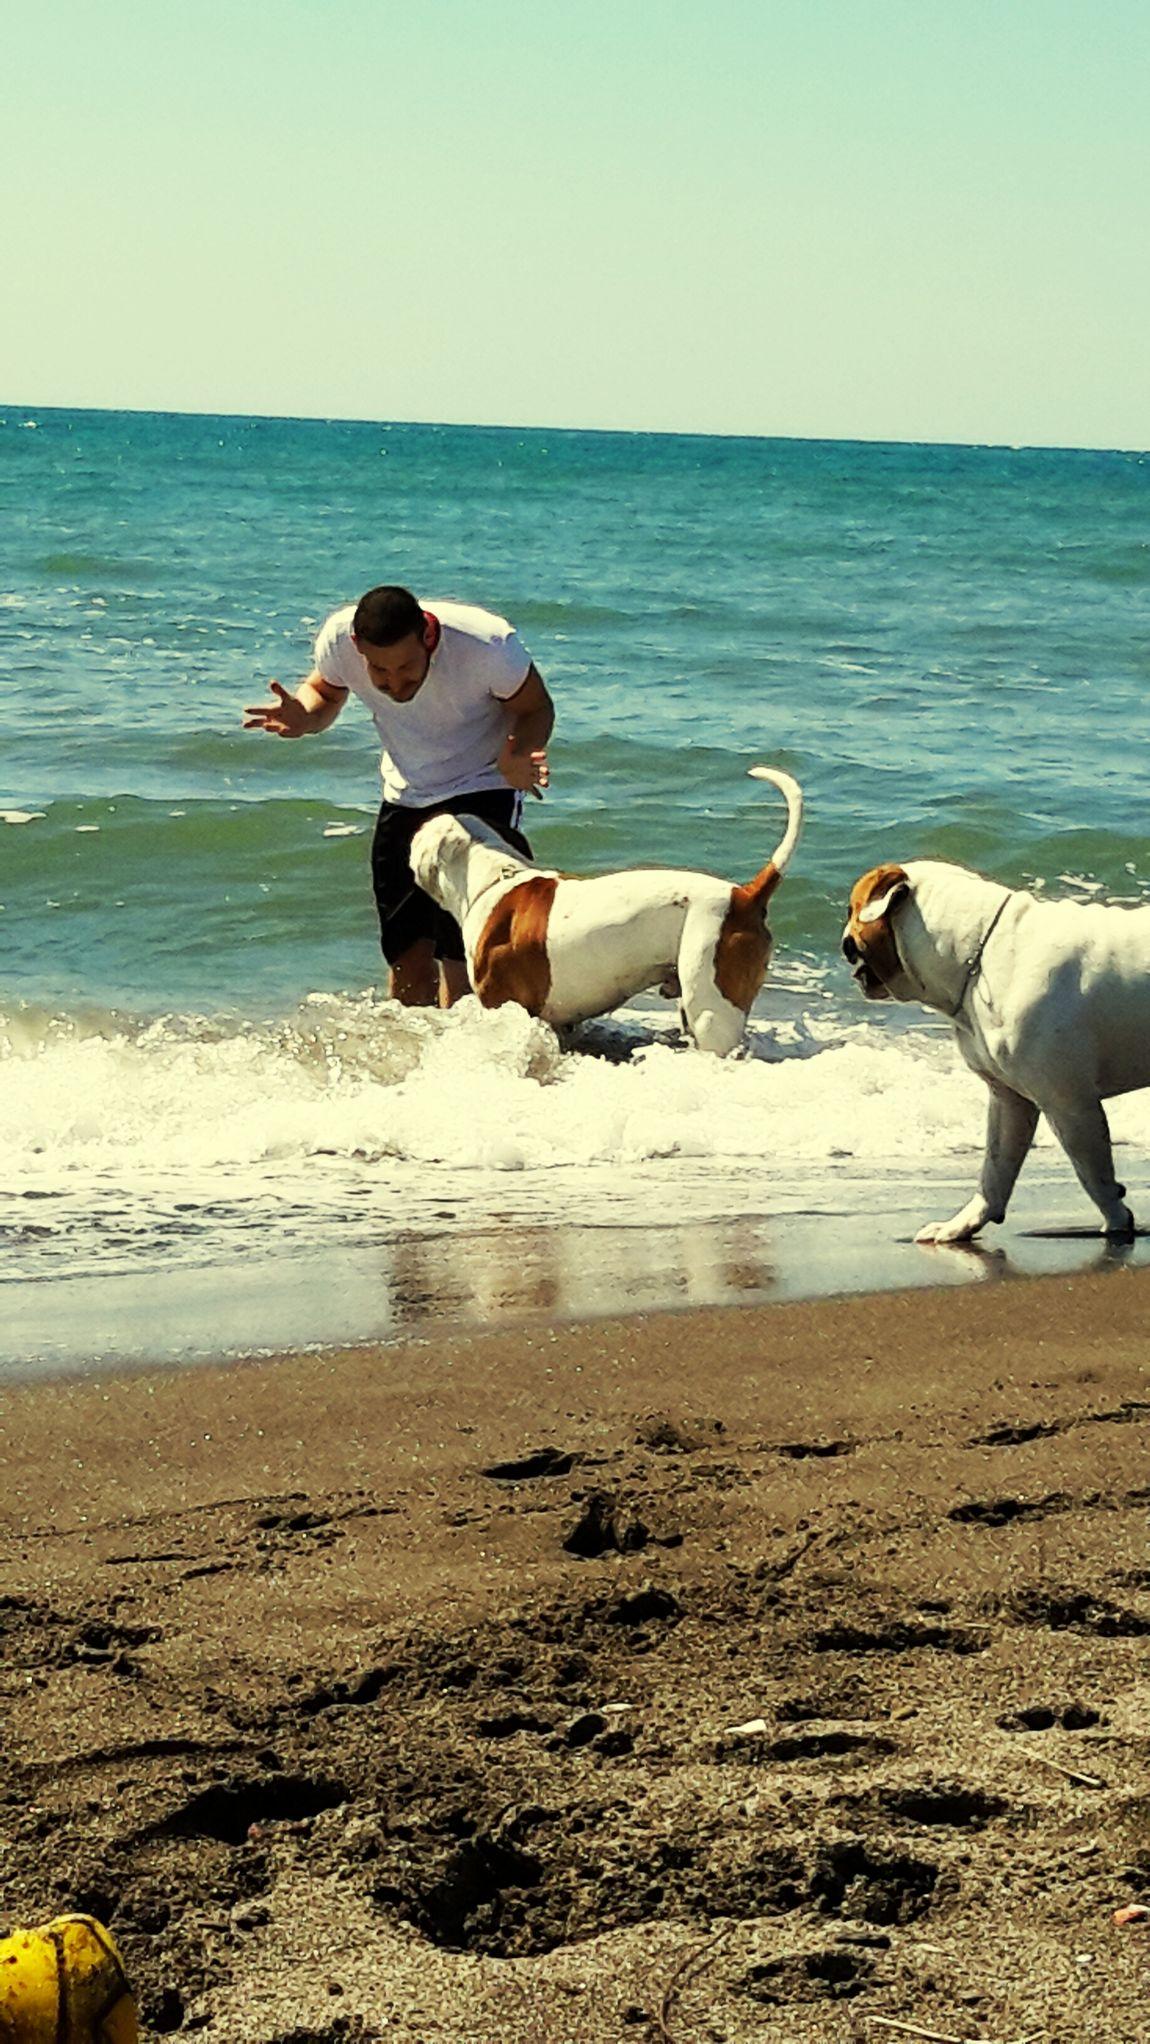 Manolo Congo Ilovemydog American Bulldog Super Dog Bulldog Al Mare Wow *-* Sammer Primo Bagno